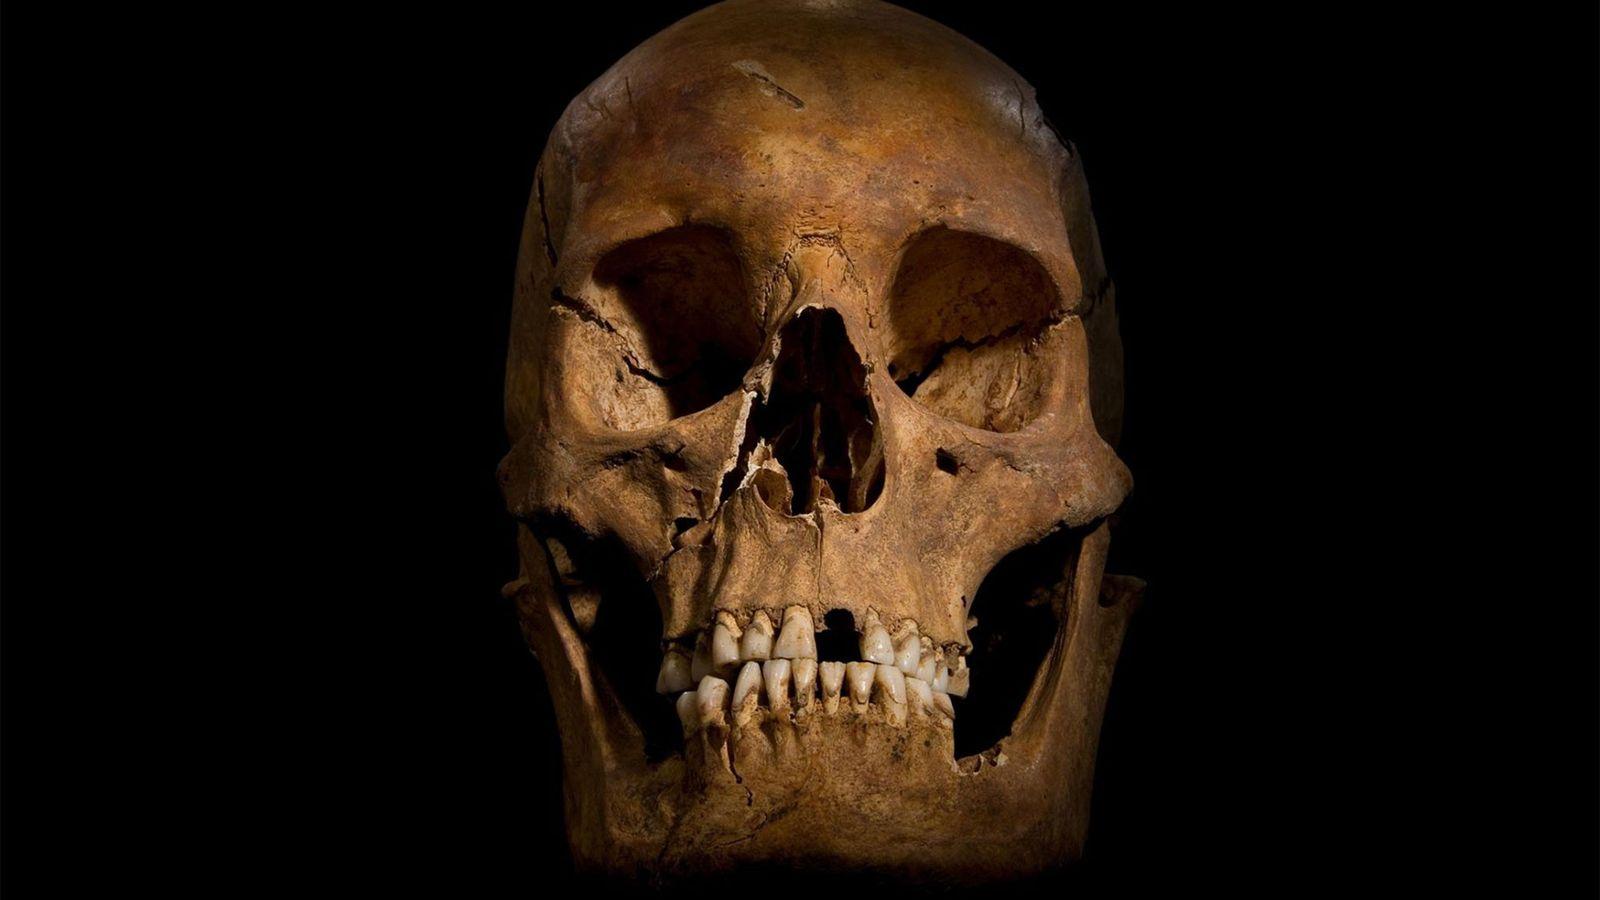 Le crâne de Richard III, découvert sous un parking, a été analysé par des experts judiciaires ...